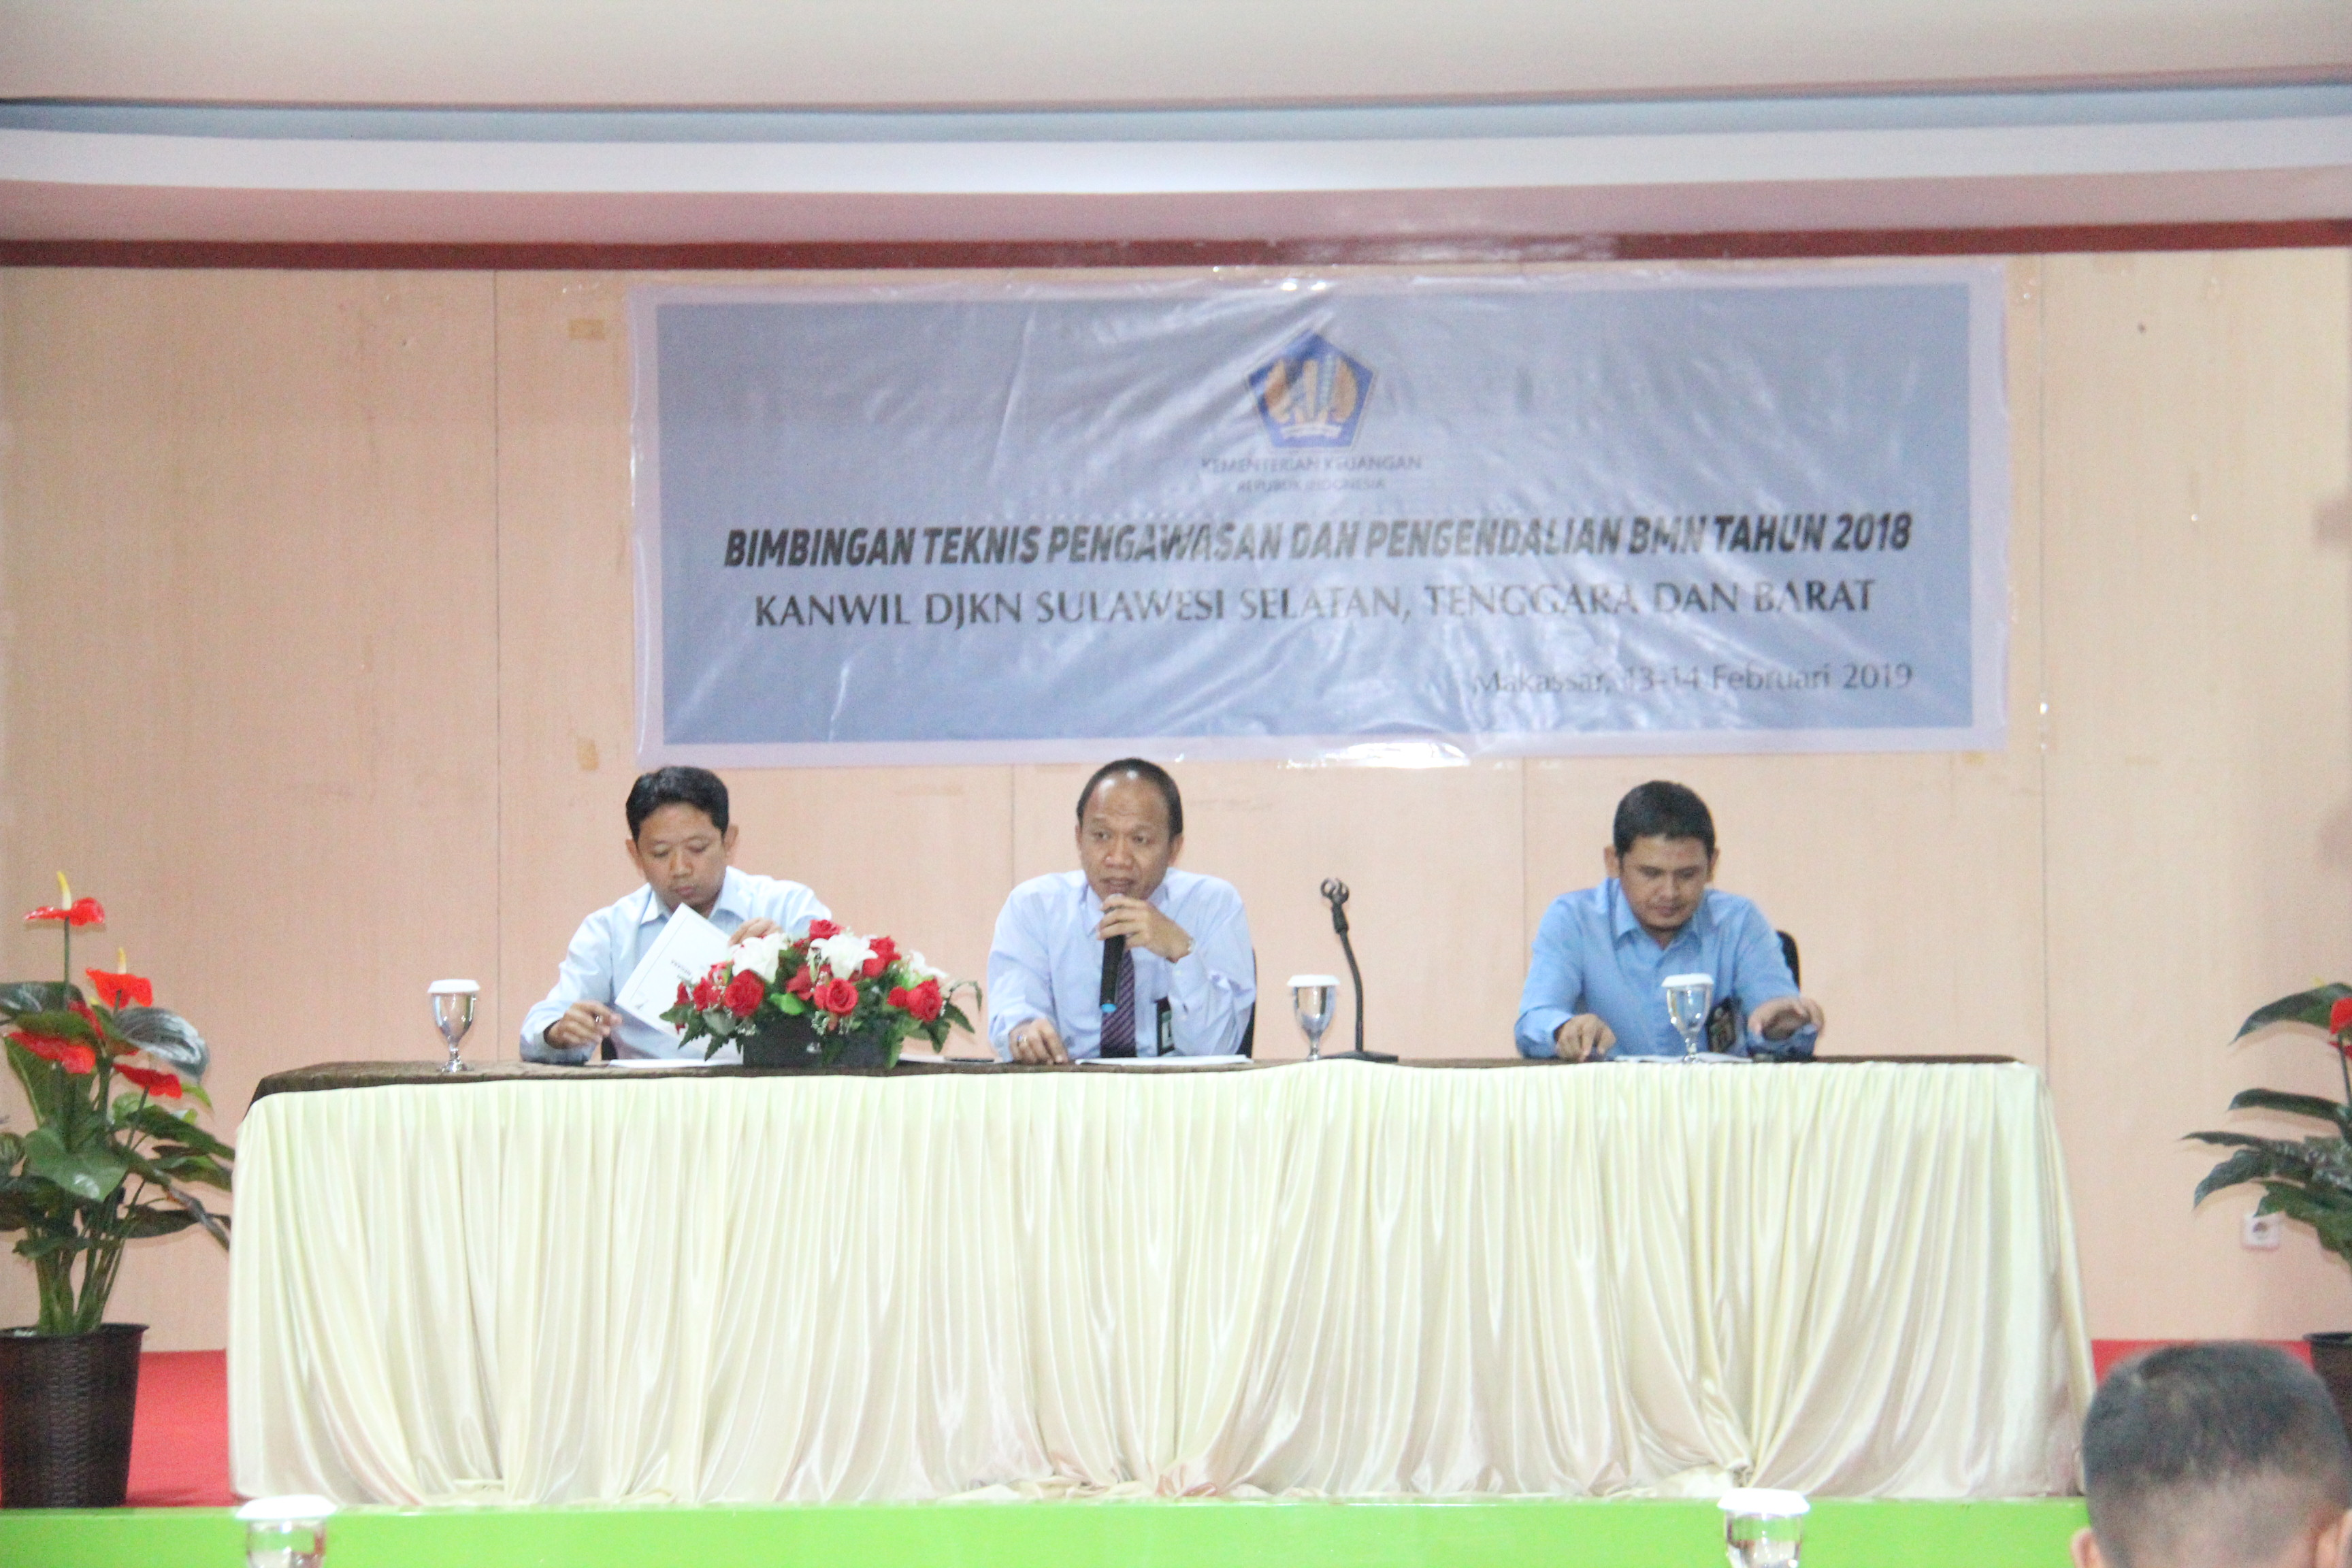 Kegiatan Bimbingan Teknis Pengawasan dan pengendalian BMN Tahun 2018